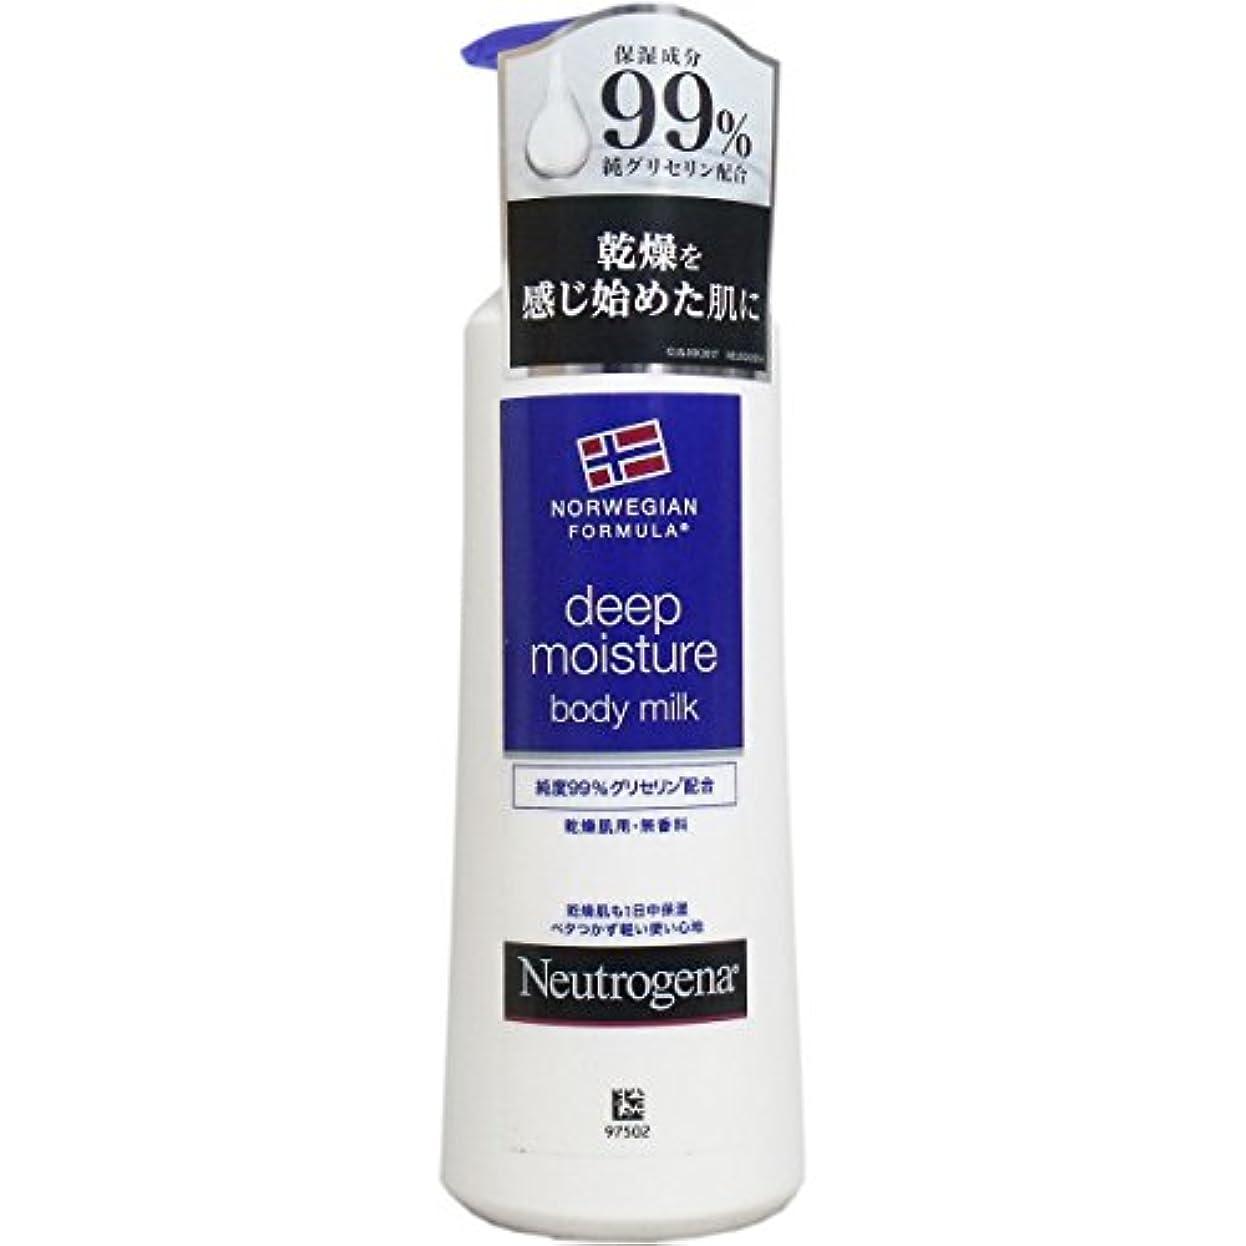 びっくりする先振る【まとめ買い】Neutrogena(ニュートロジーナ) ノルウェーフォーミュラ ディープモイスチャー ボディミルク 乾燥肌用 無香料 250ml×4個